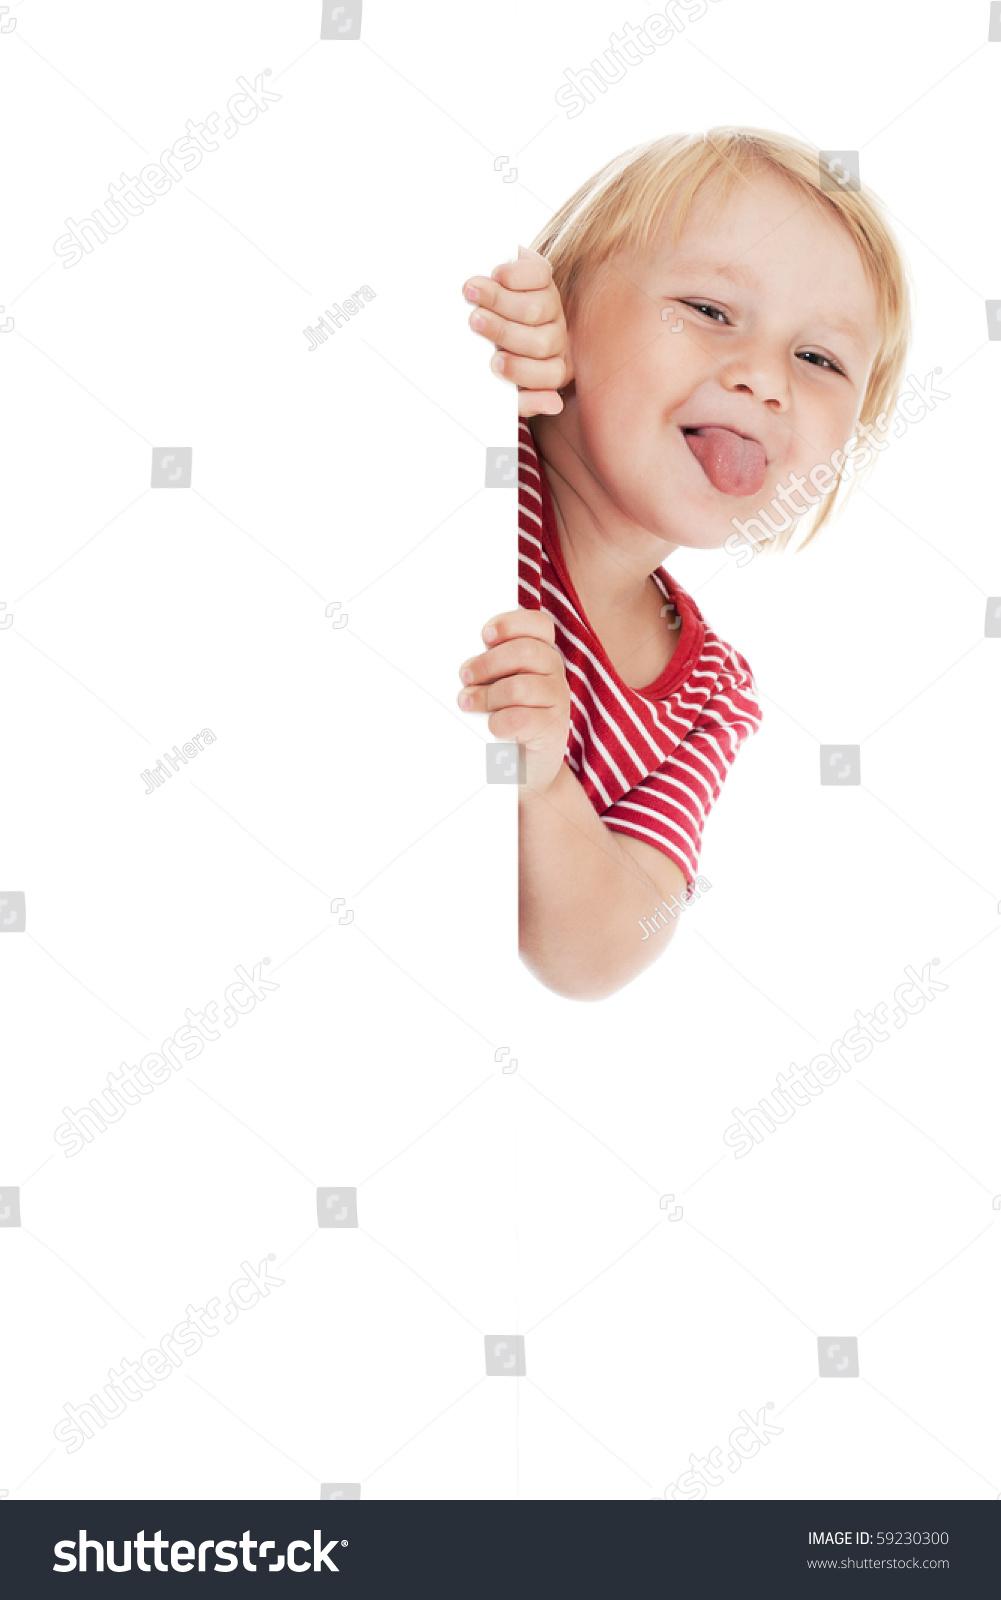 小孩奋斗的图片可爱